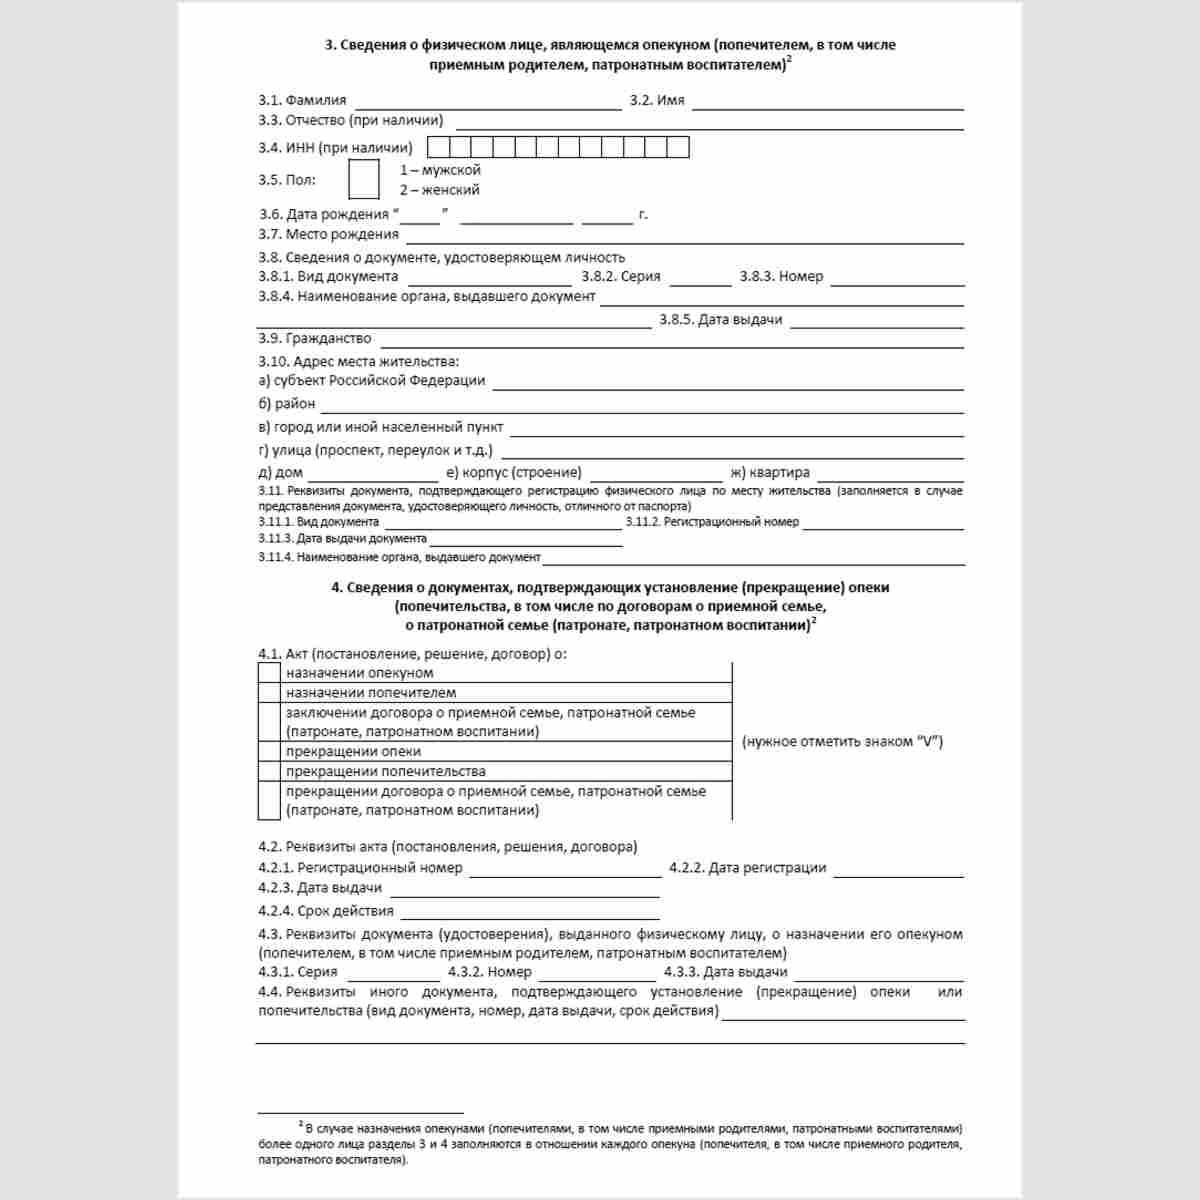 """Форма """"Сведения об установлении опеки, попечительства и управлении имуществом в отношении физических лиц - собственников (владельцев) имущества"""" (Форма ОП). Стр. 2"""